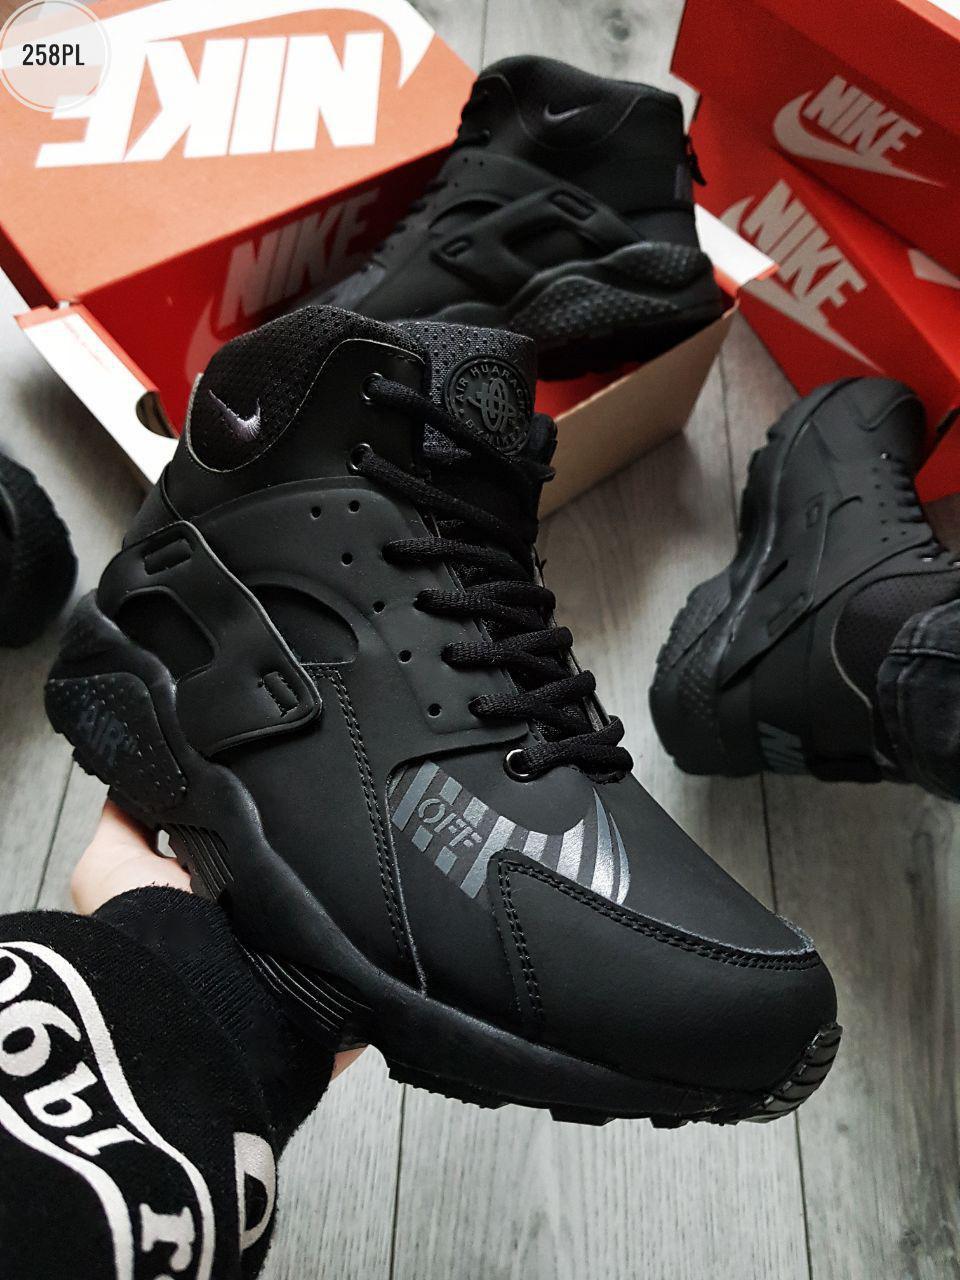 ЗИМА!!! Мужские кроссовки Nike Air Huarache BLACK Winter (р. 41 43 44 45) Черные зимние